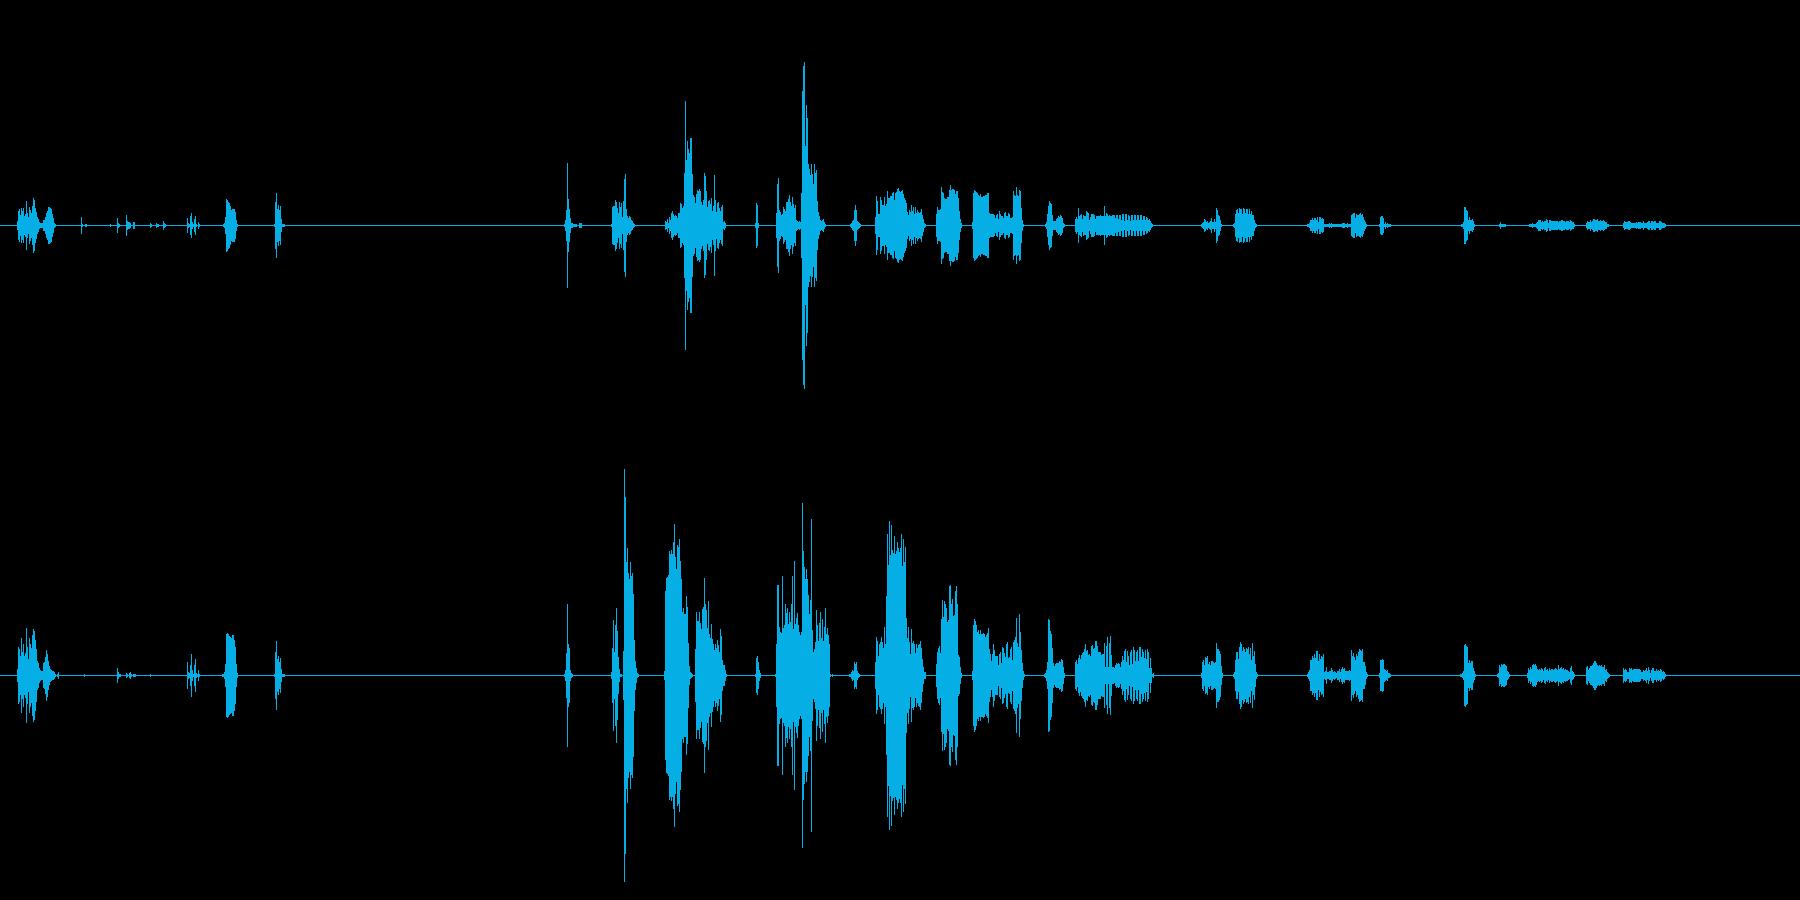 【SE 効果音】機会的なノイズの再生済みの波形